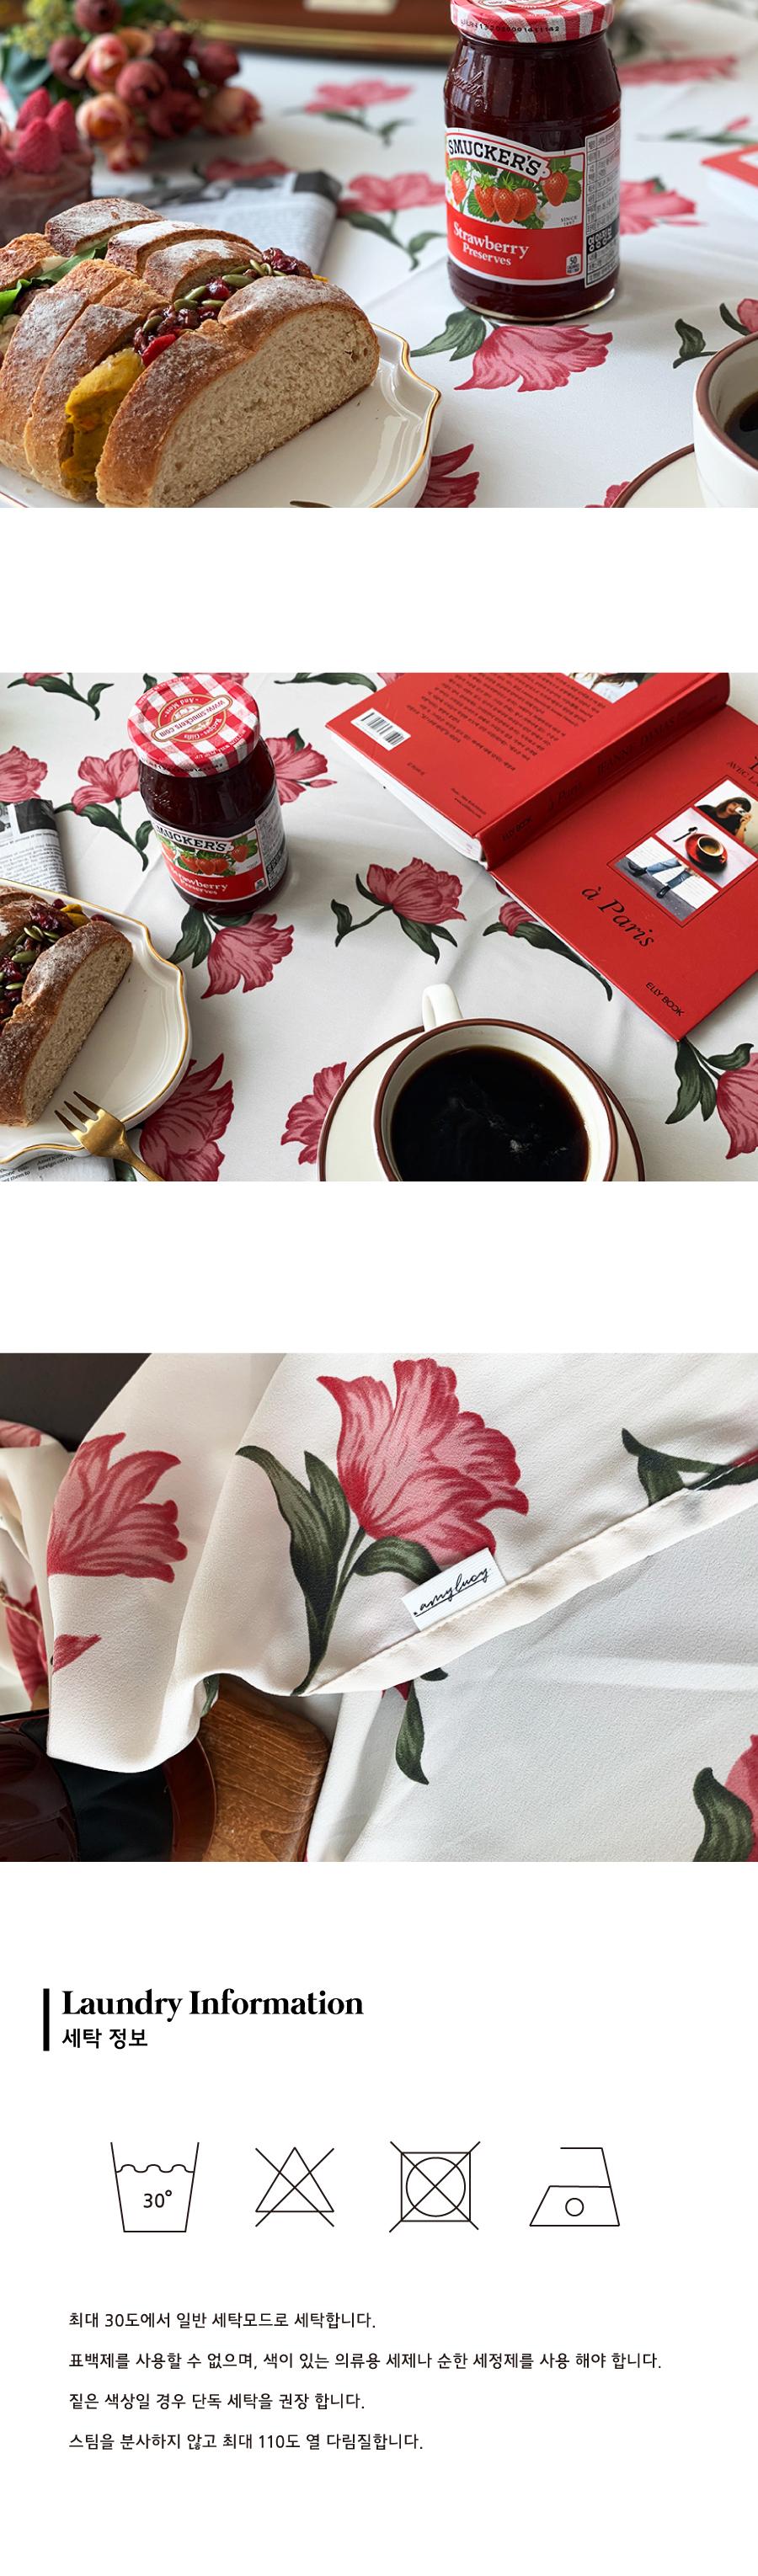 블랑로즈 식탁보 테이블보 2size 테이블러너 - 에이미루시, 26,900원, 식탁, 식탁보